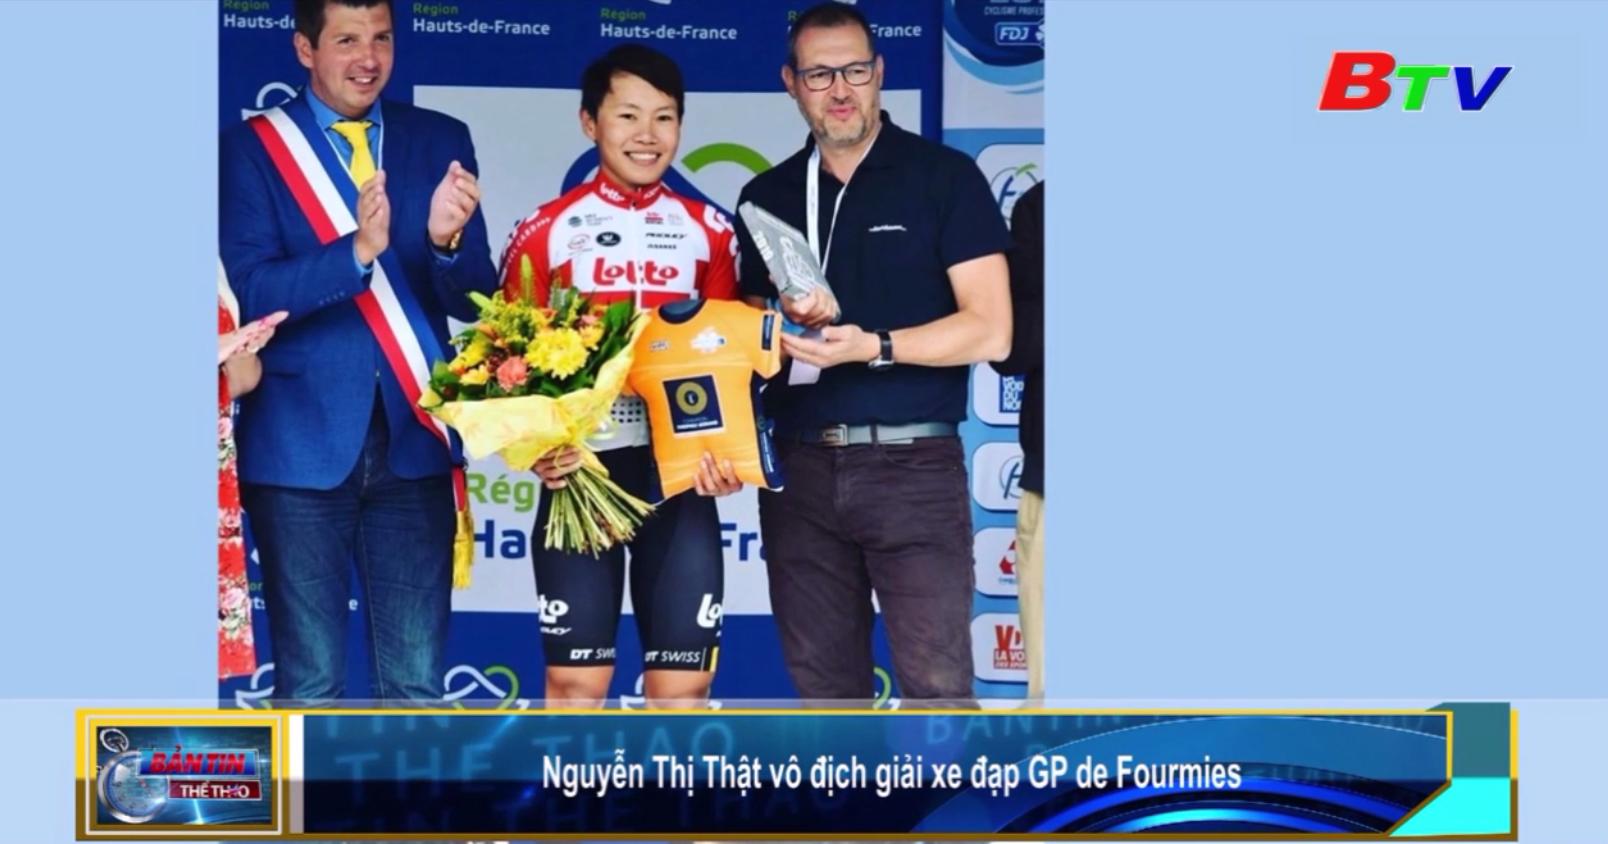 Nguyễn Thị Thật vô địch Giải xe đạp GP de Fourmies